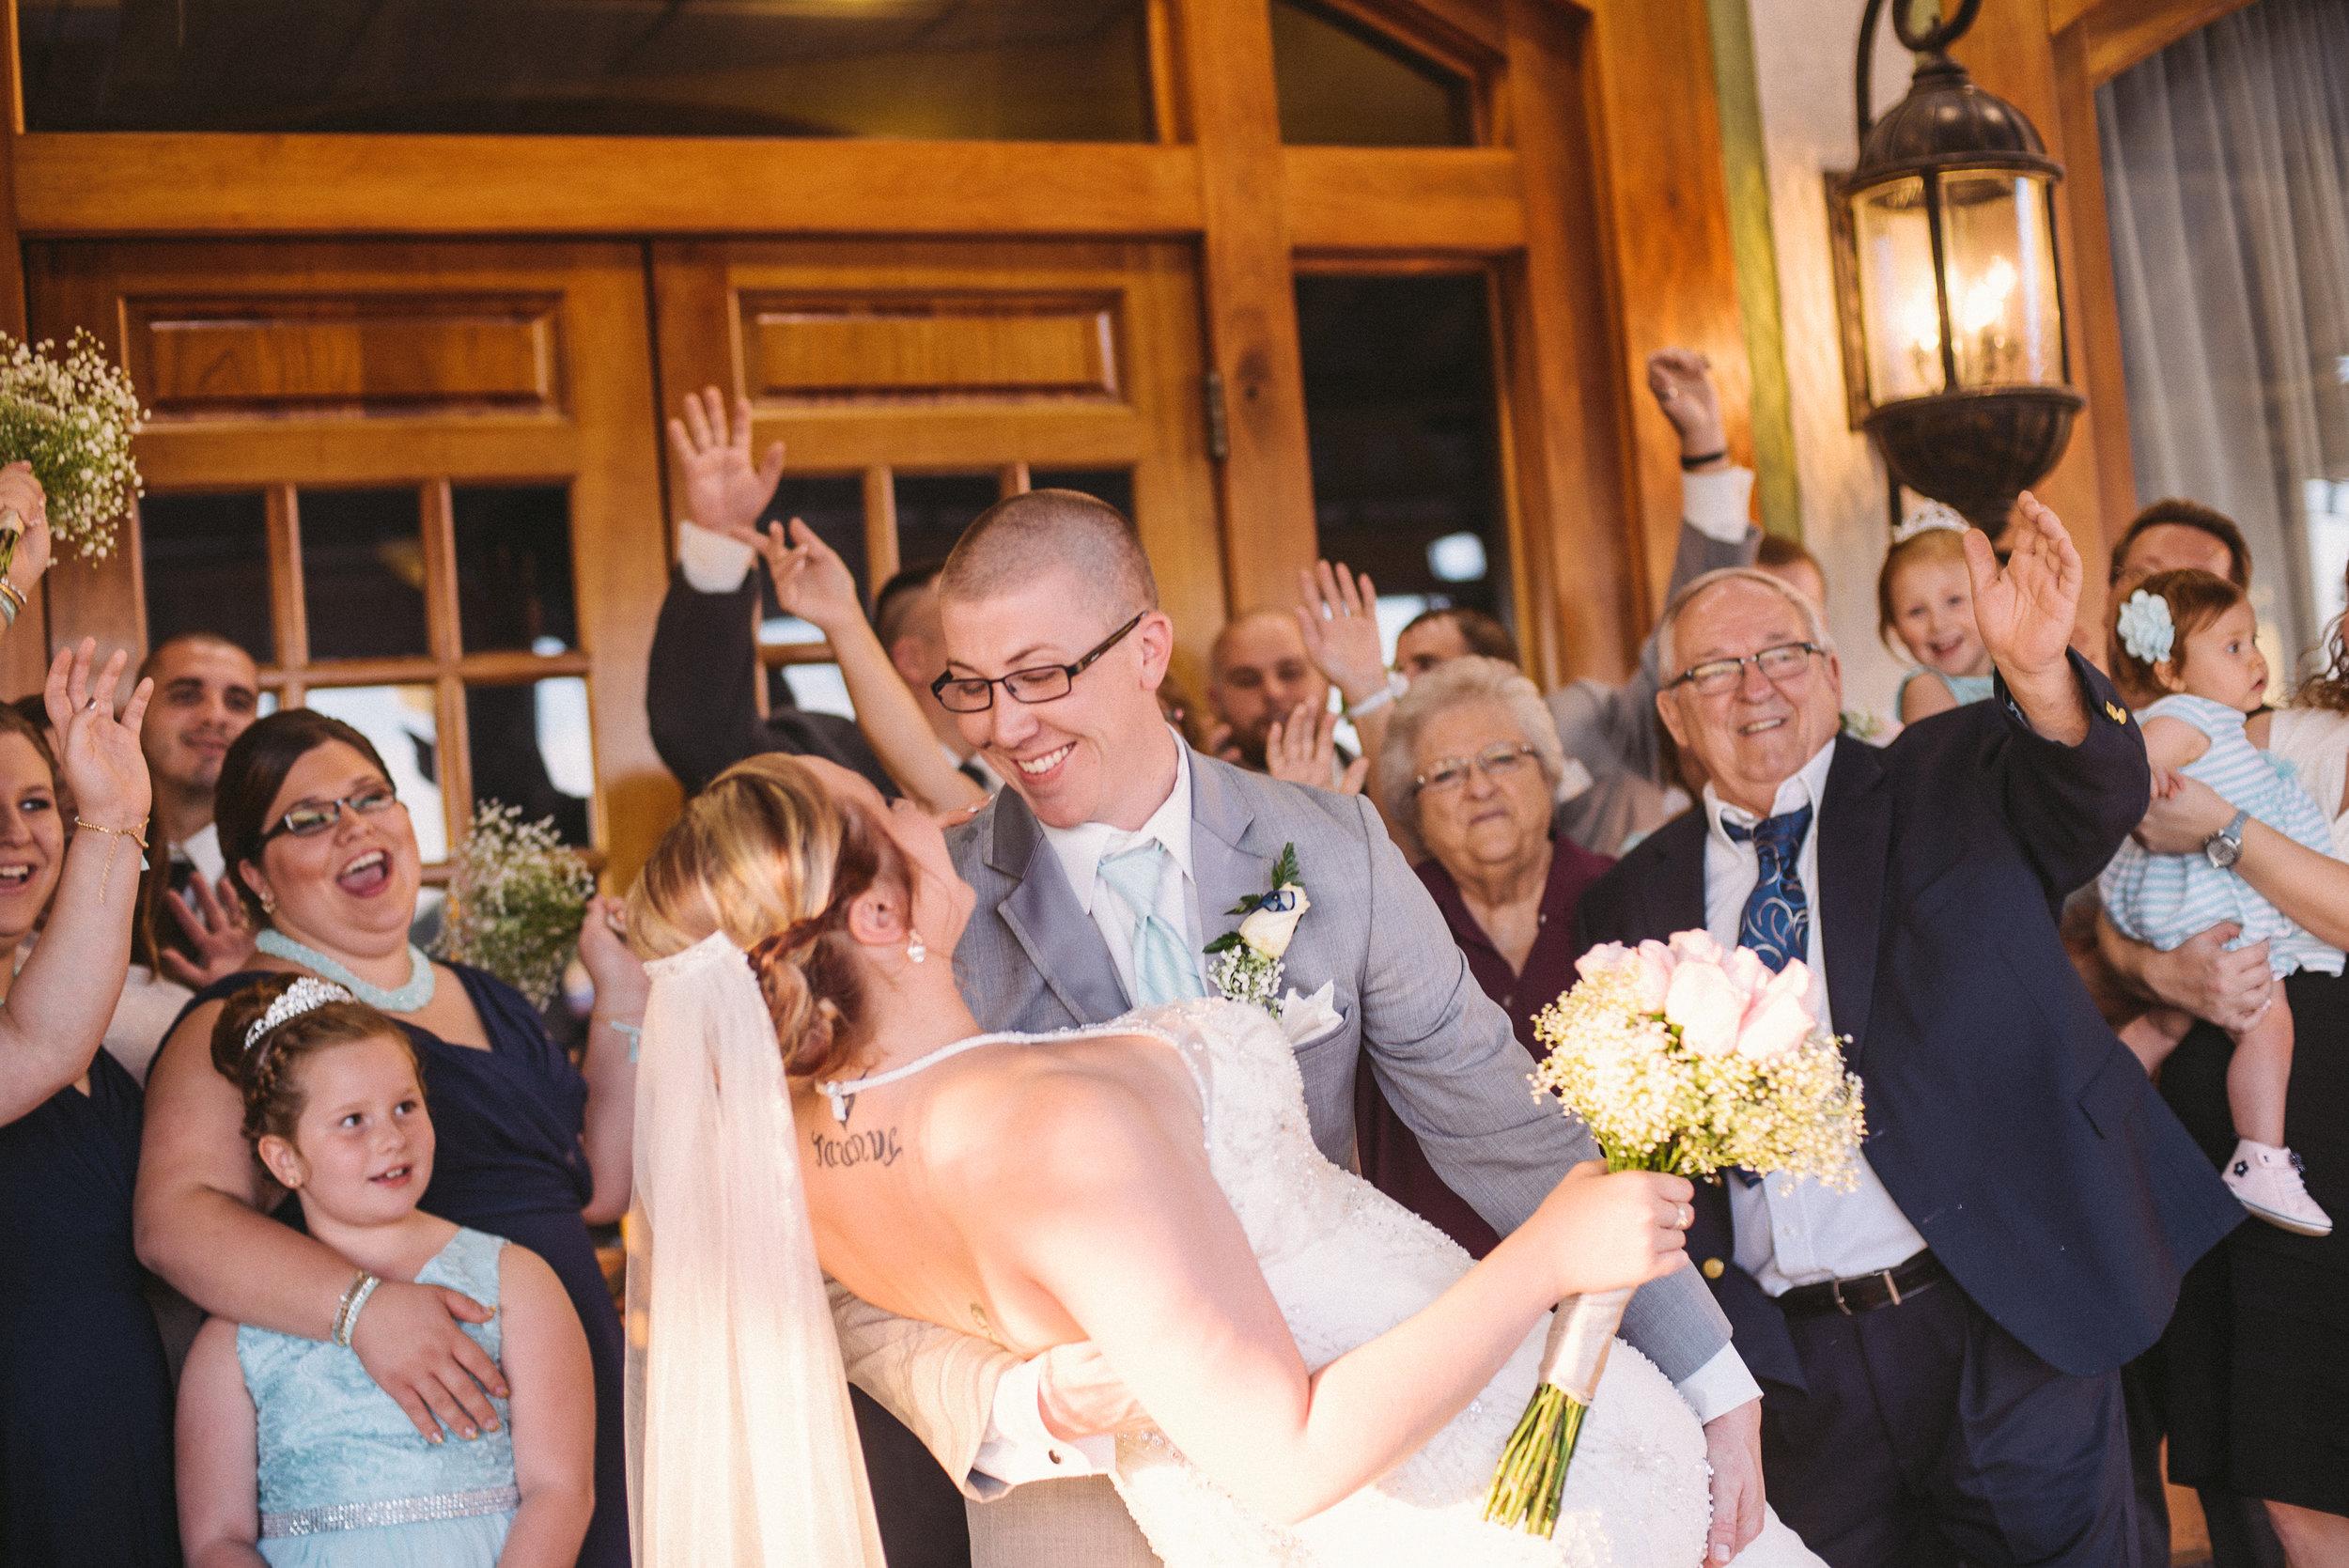 AkersKing_wedding-529 copy.jpg